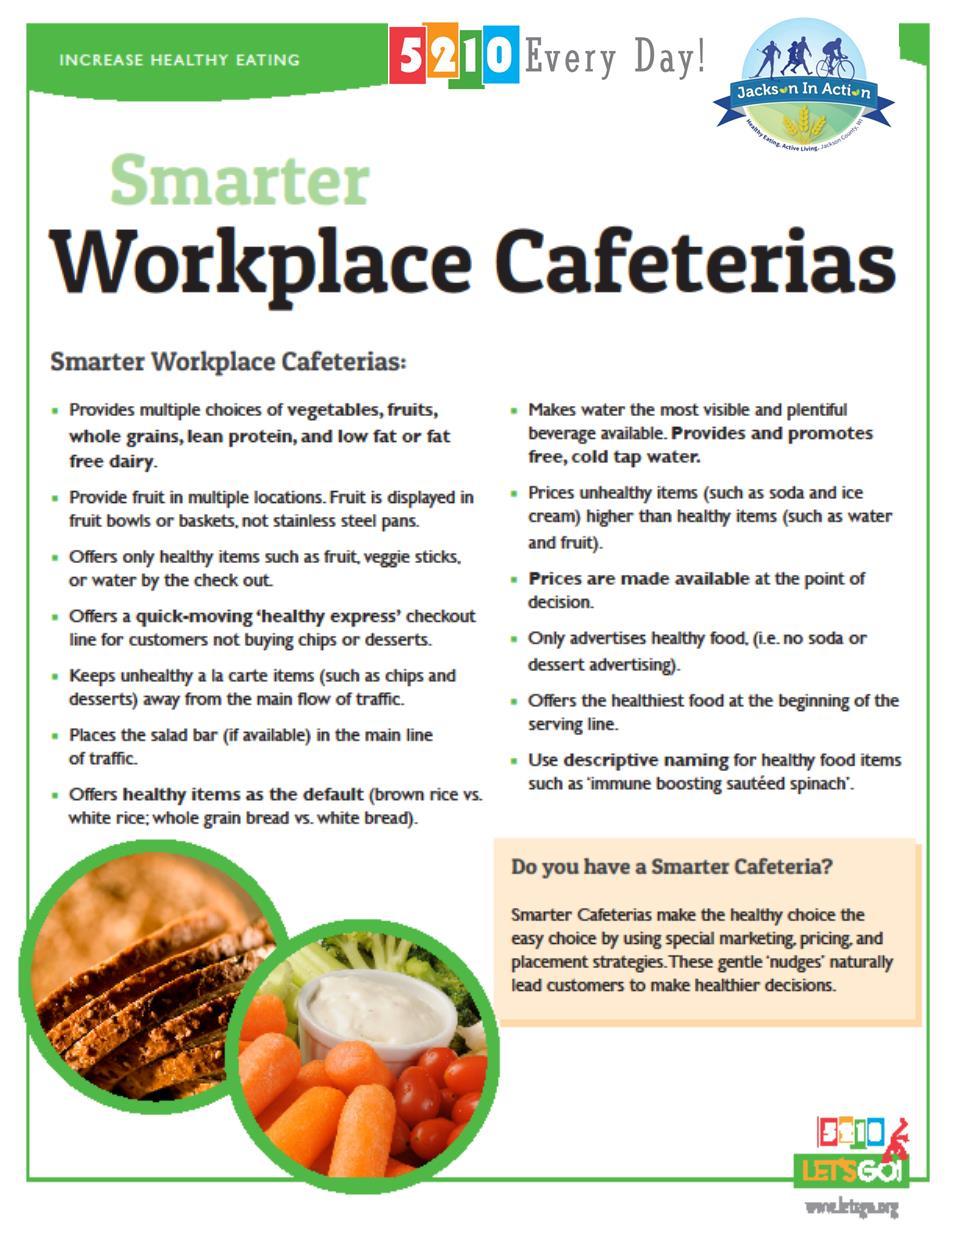 Smarter Workplace Cafeterias.jpg